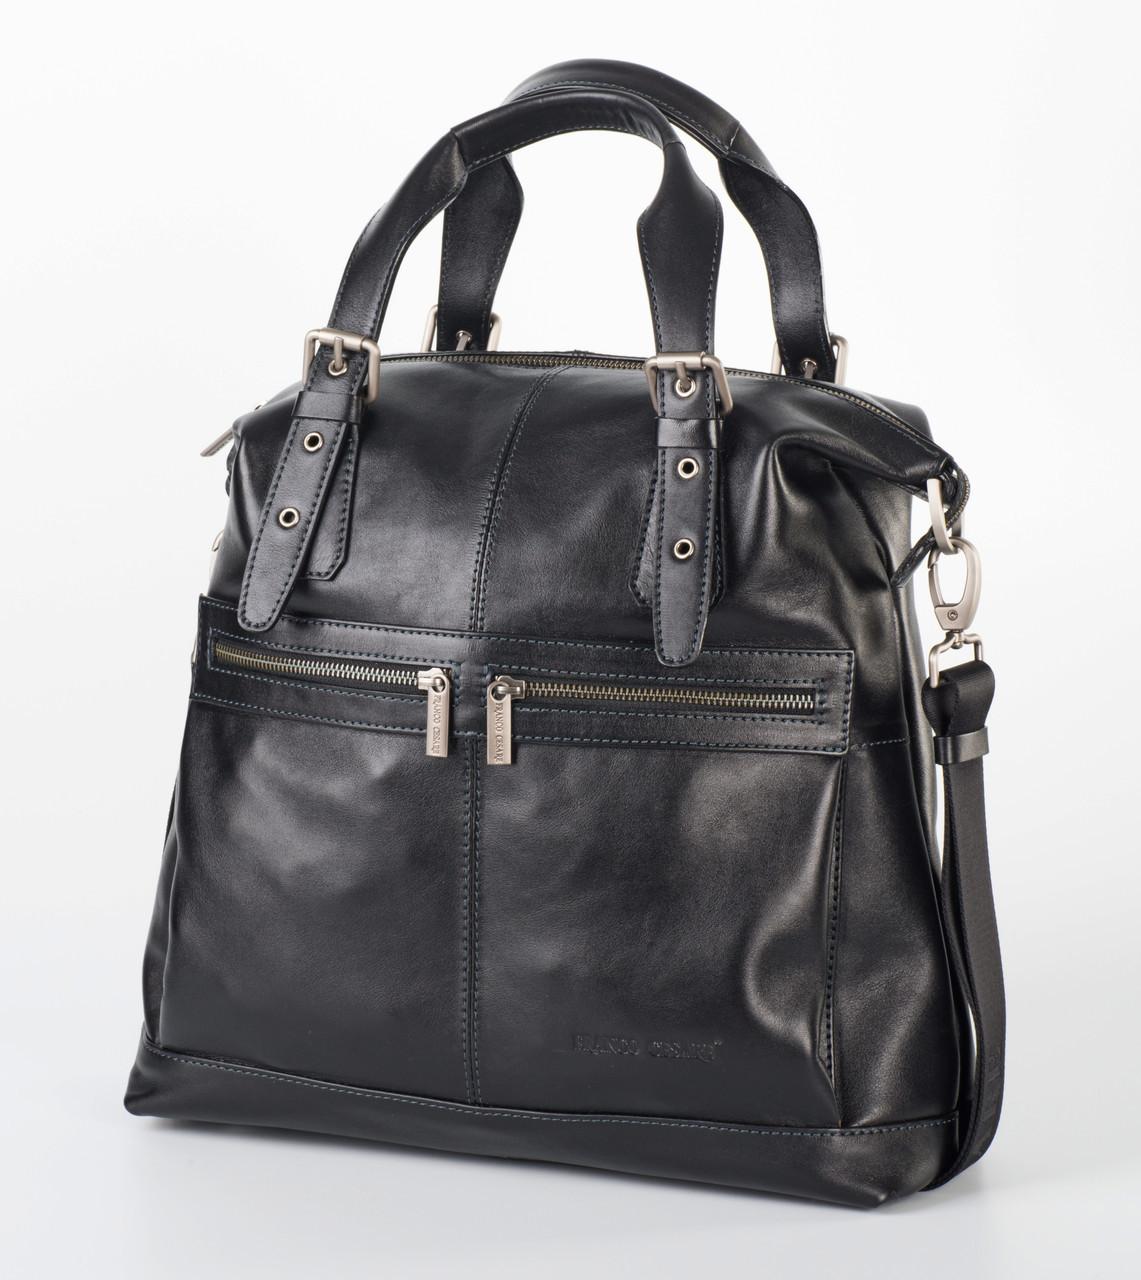 f1a0730544a8 Мужская кожаная мягкая сумка от Franco Cesare FC-0415-L1 - FrancoCesare в  Николаеве